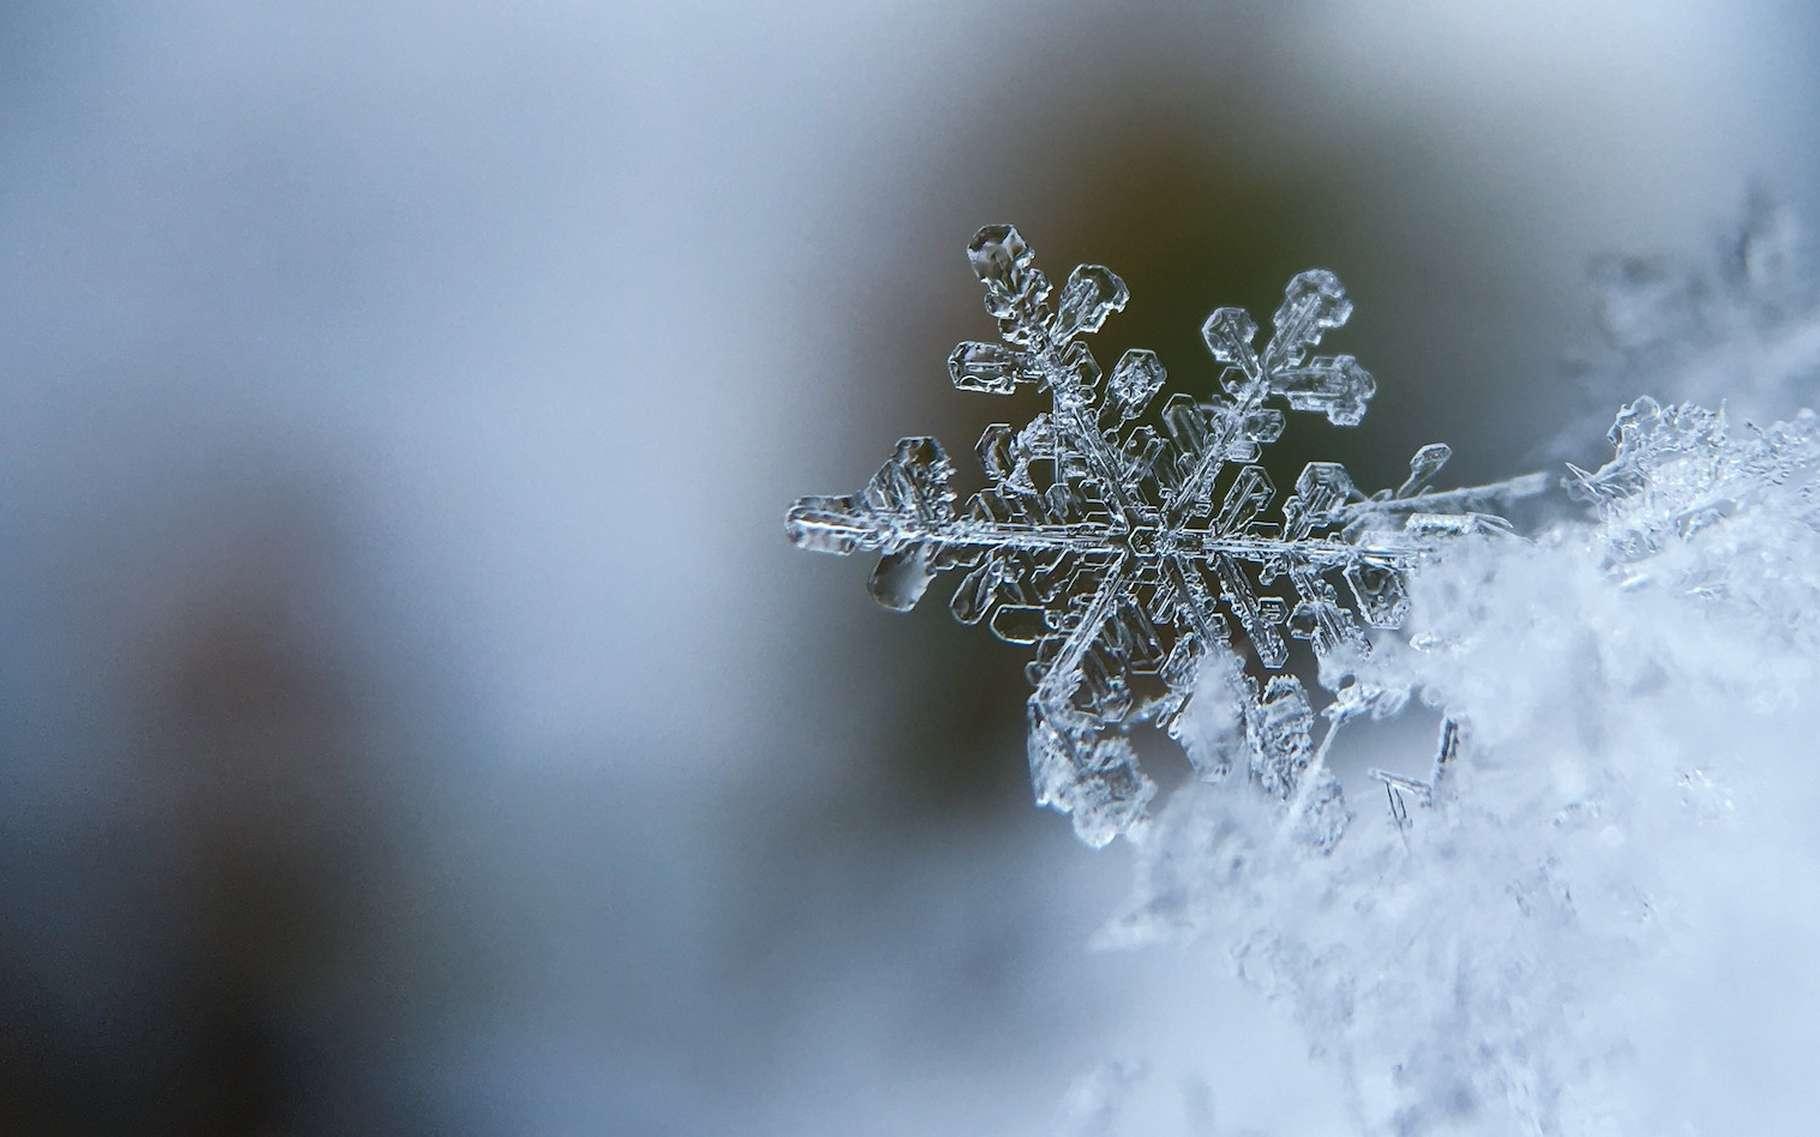 Des milliards de flocons translucides pour constituer un manteau blanc. La neige fait rêver petits et grands. Et elle intrigue les plus curieux. © Aaron Burden, Unsplash